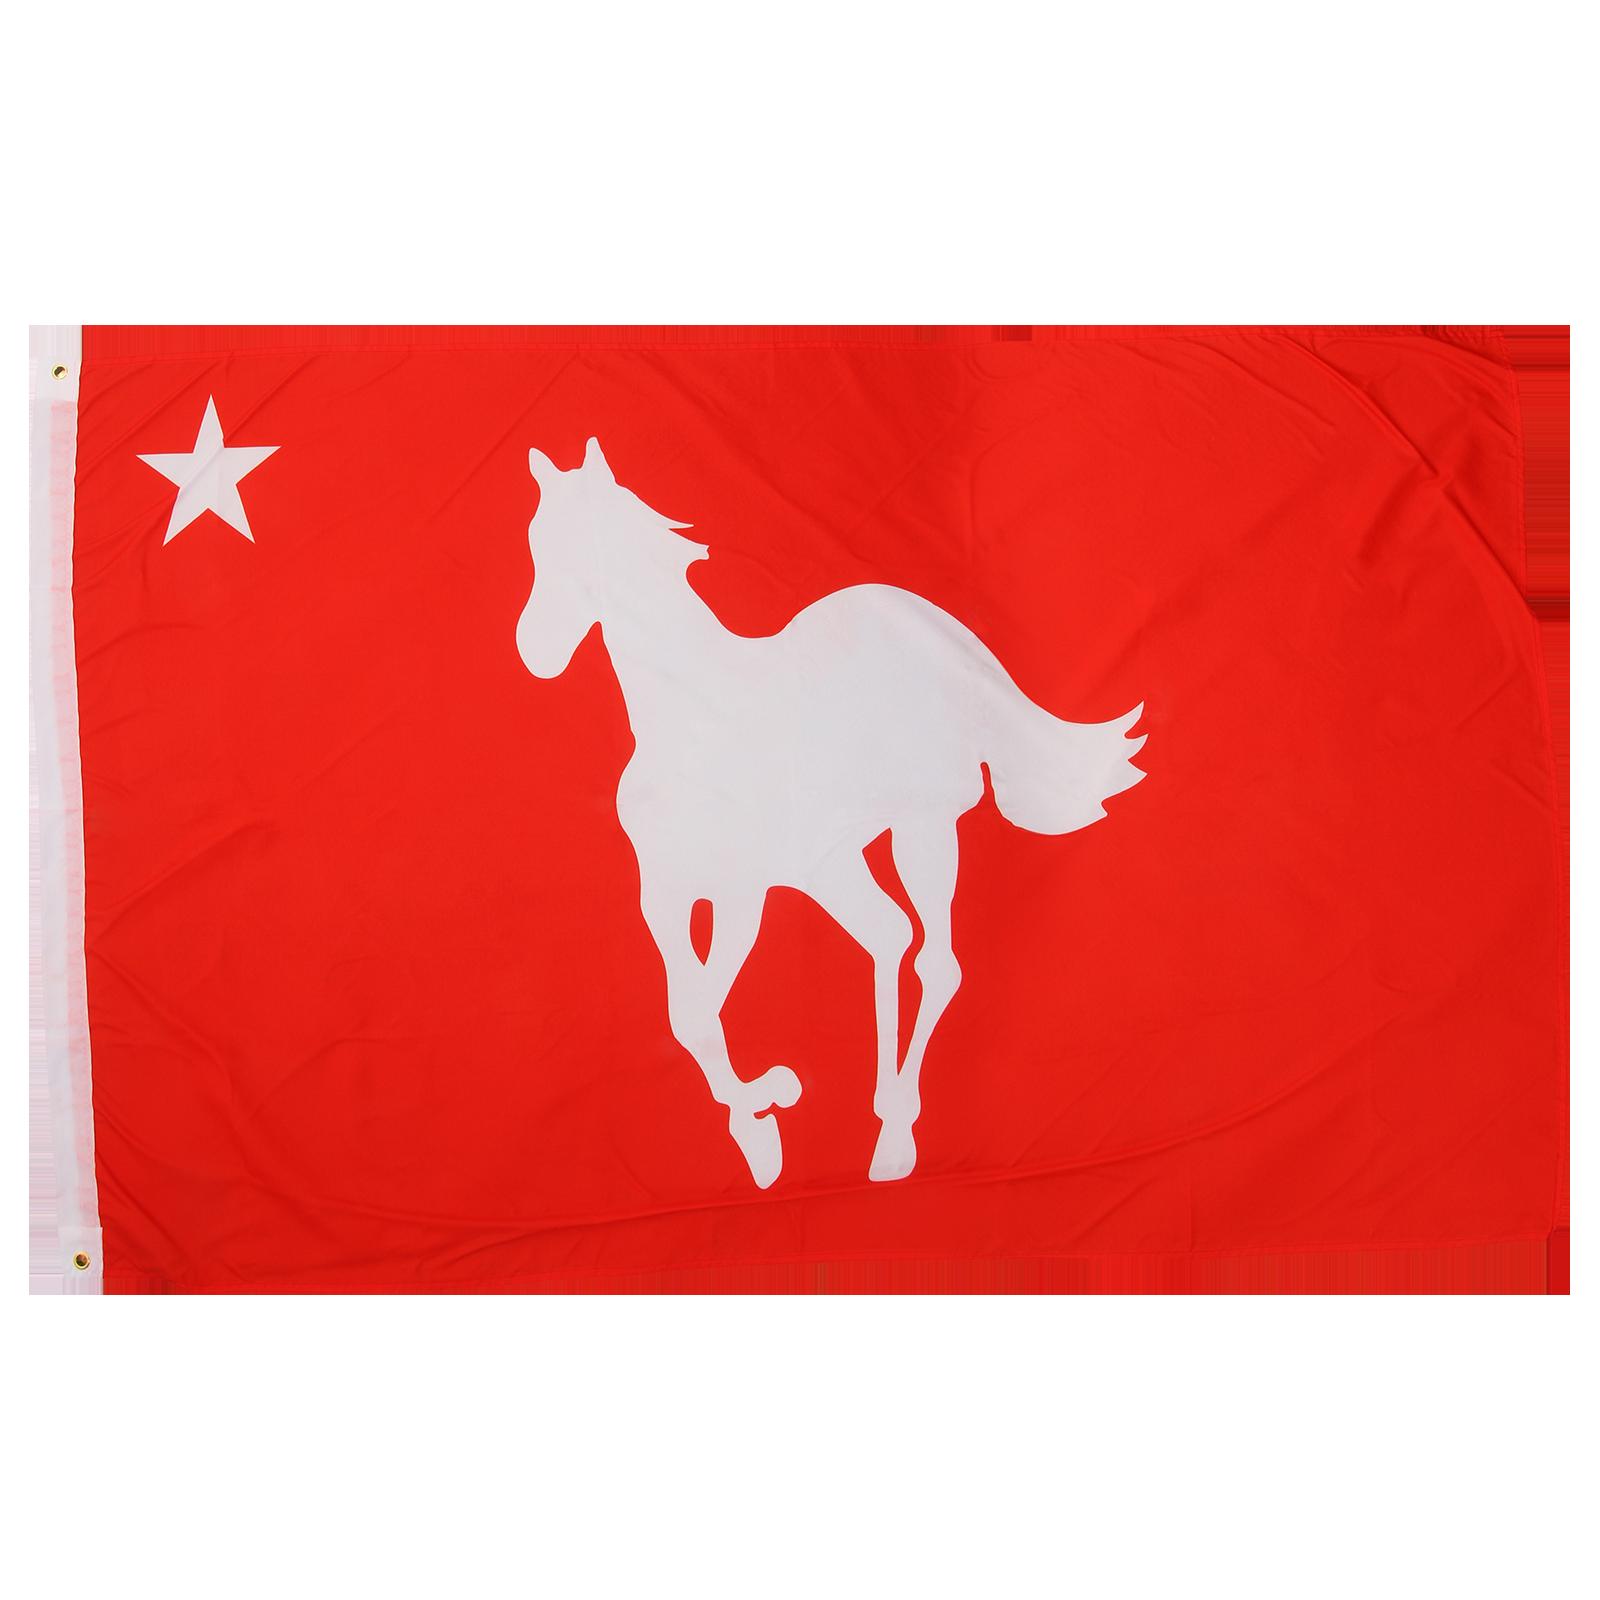 T shirt deftones white pony - Deftones White Pony Flag